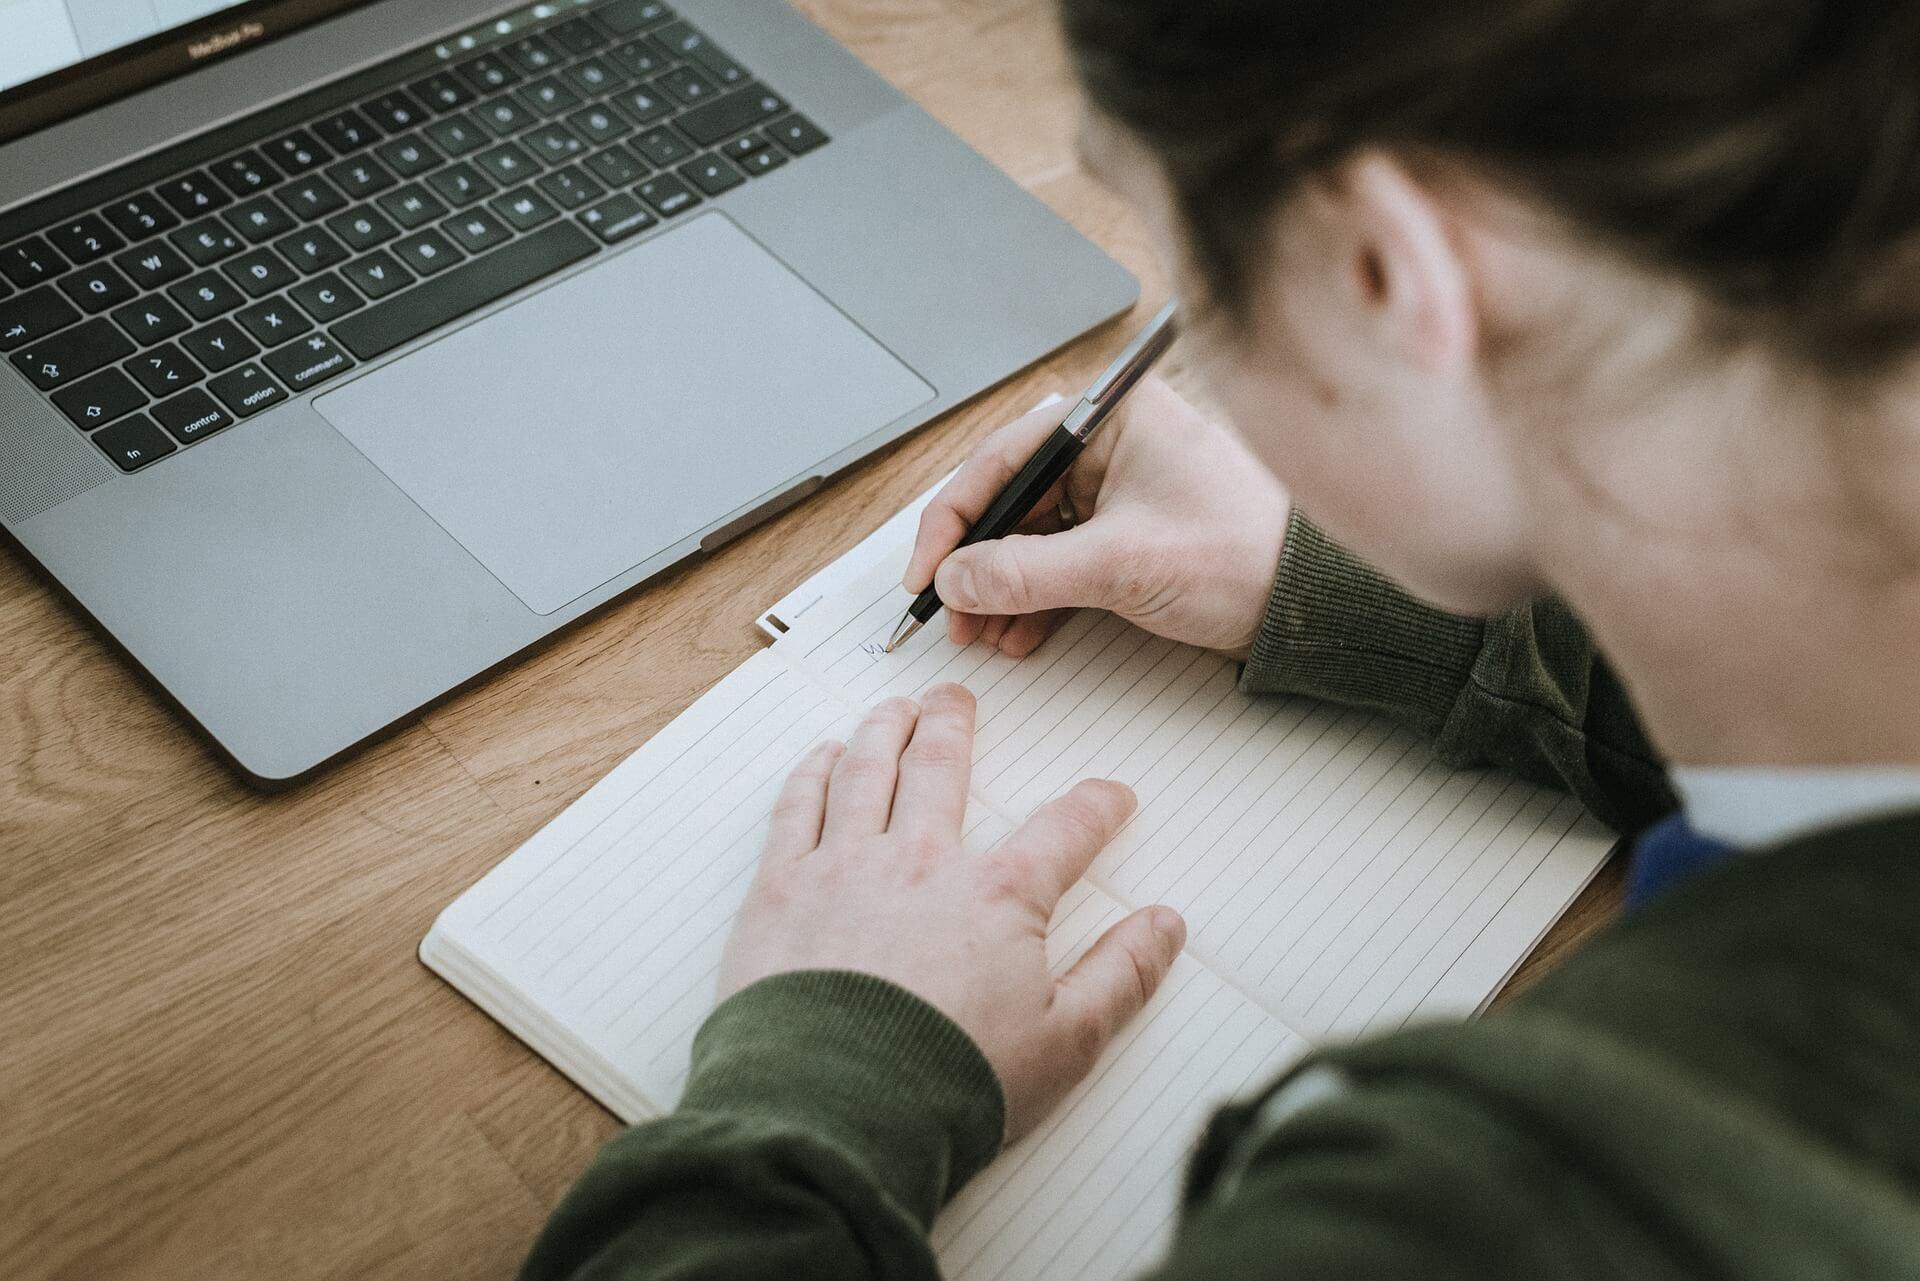 alava reyes gestion tiempo madrid psicologos planificar escribir organizar foto gratis